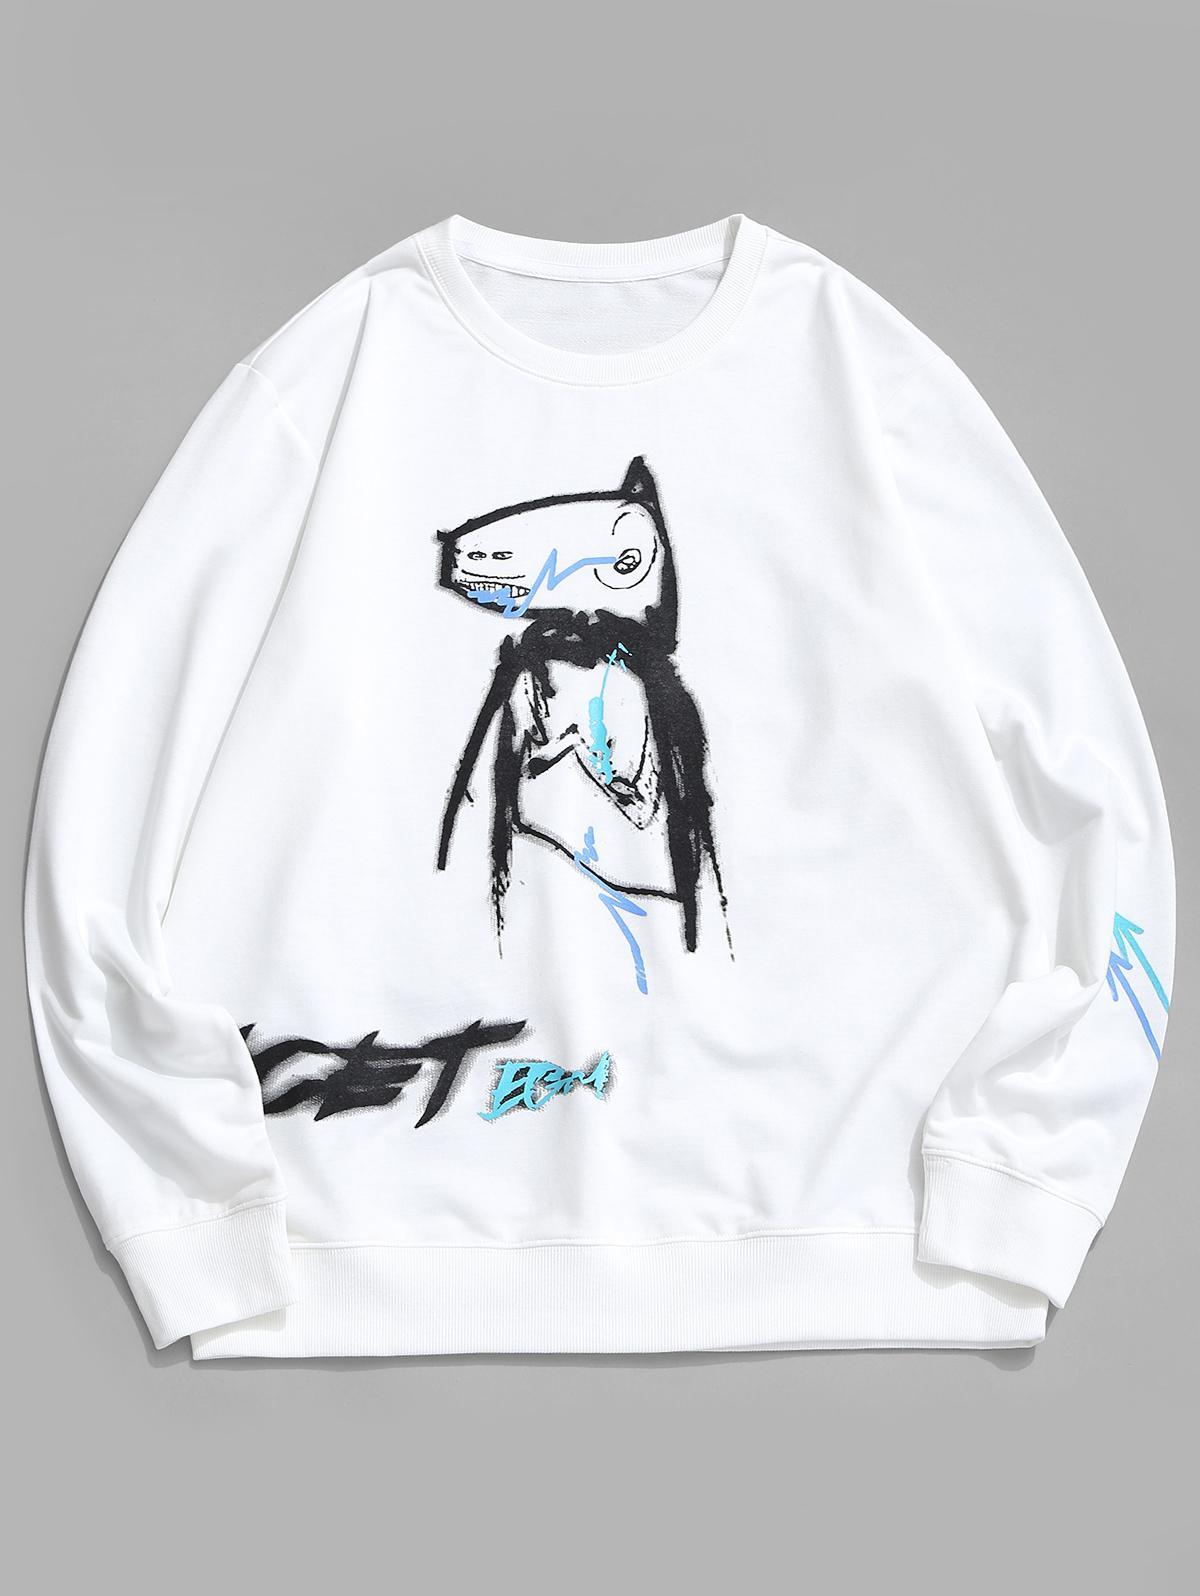 Sweat-shirt Décontracté PeintureDessin Animé Imprimé - ZAFUL - Modalova